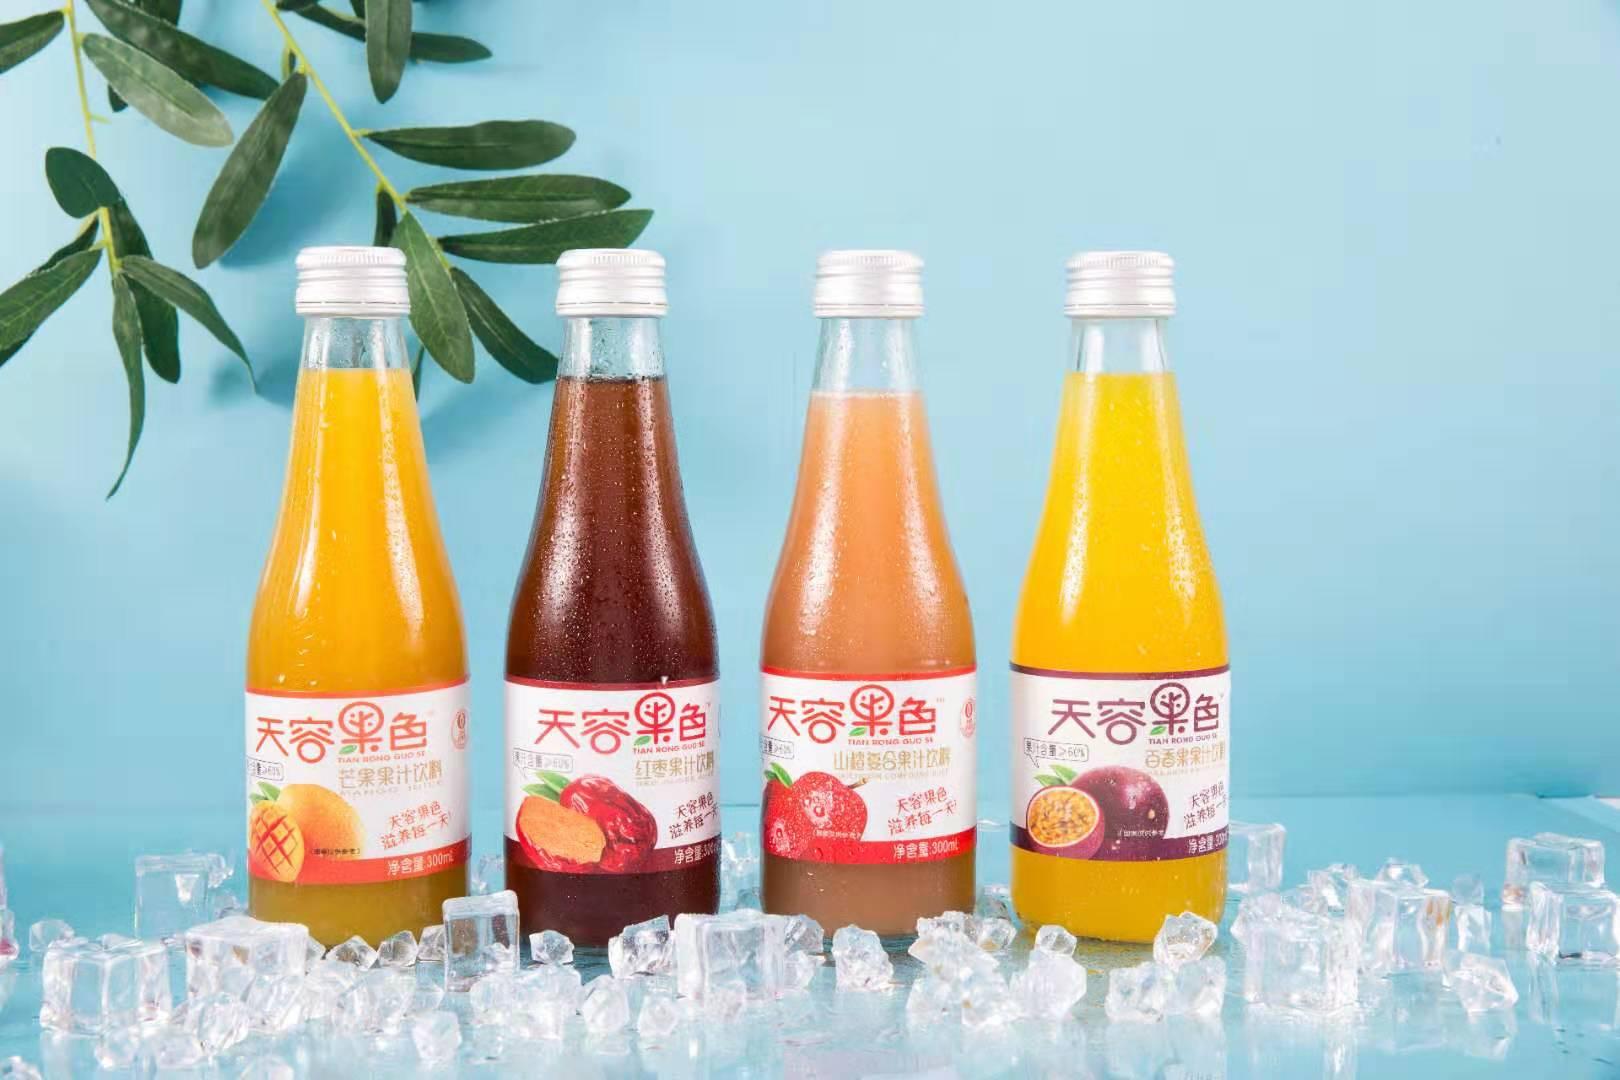 天容果色300ml玻璃瓶系列